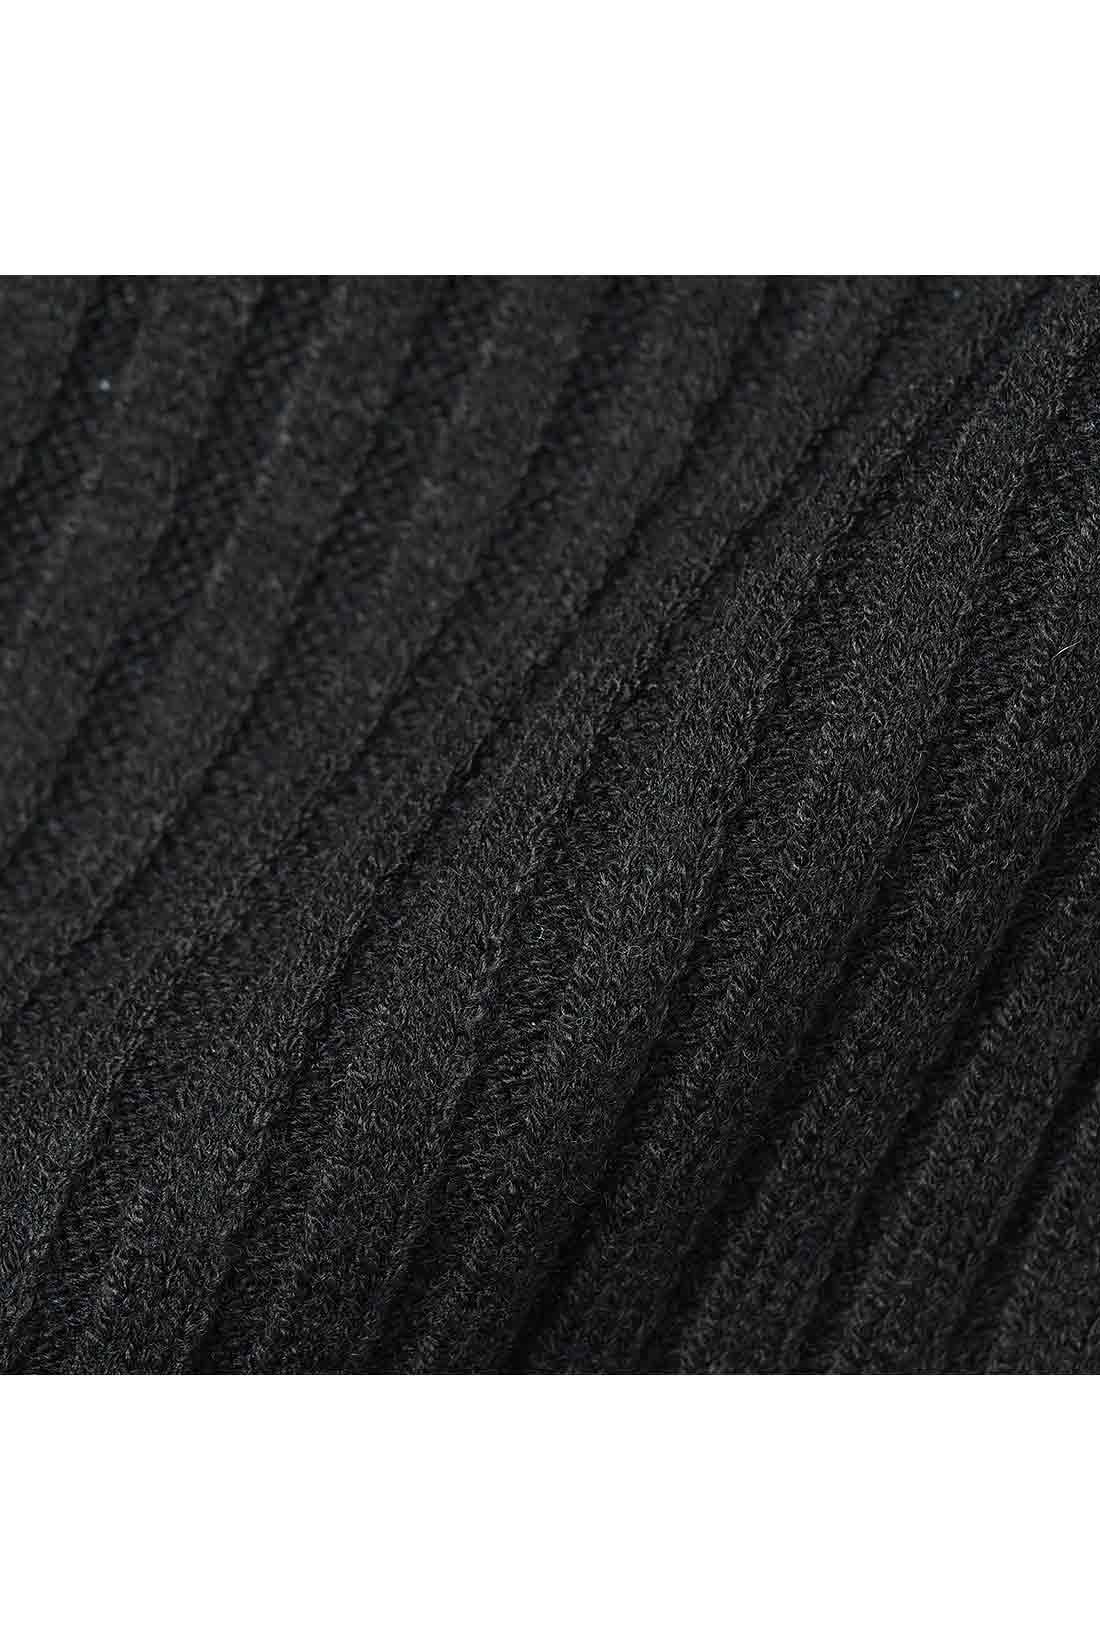 幅広リブのウール混ニット 秋冬の装いにちょうどいいミドルゲージのワイドリブニット。伸びやかで着心地よく、縦ラインを強調してメリハリのある美シルエットに導きます。